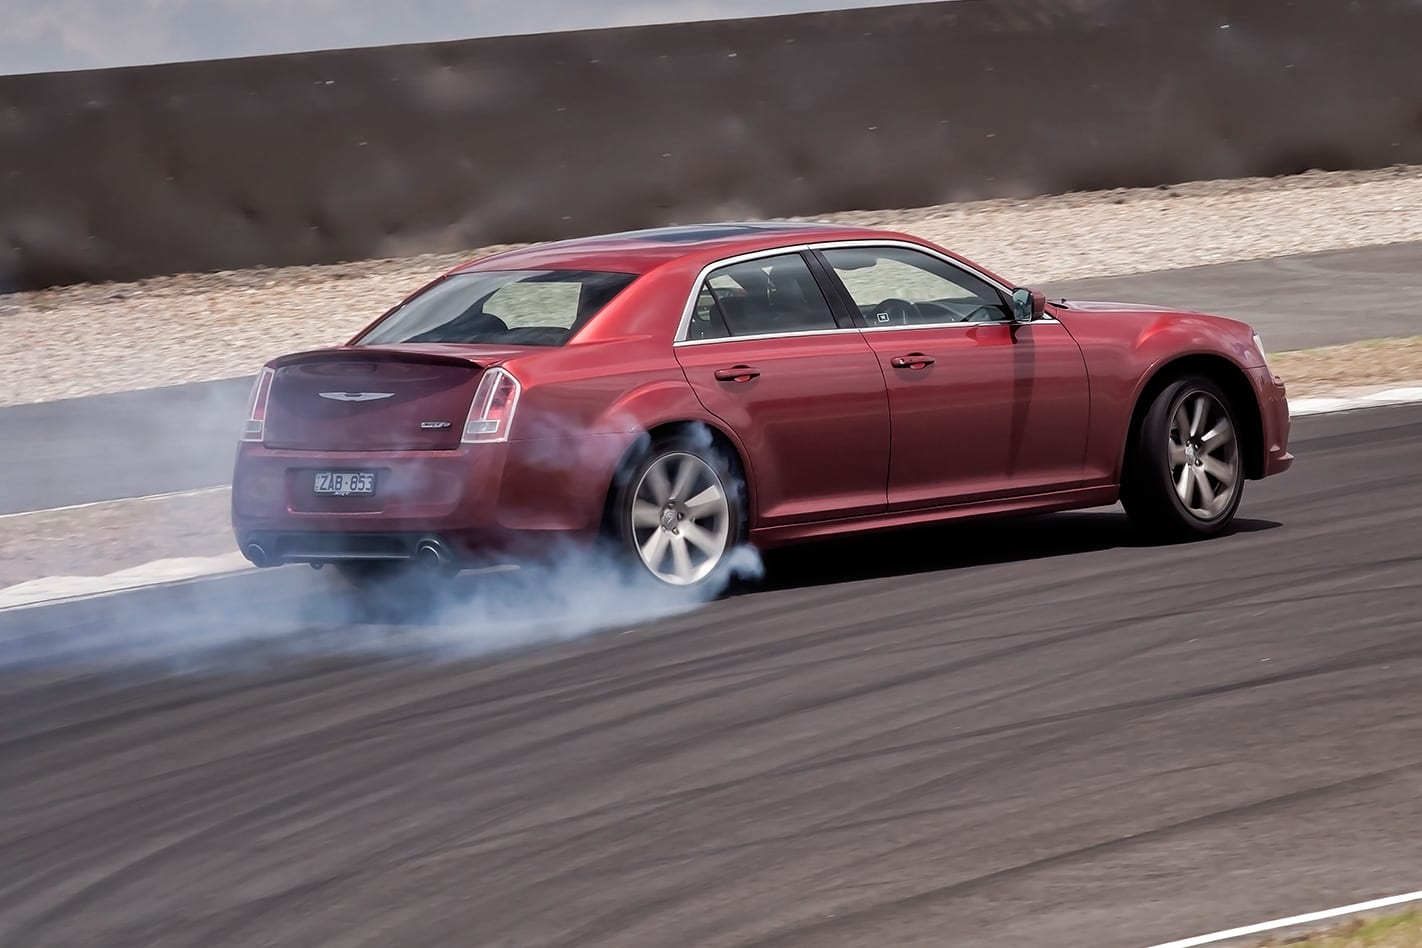 2012-Chrysler-300-SRT8-rear.jpg